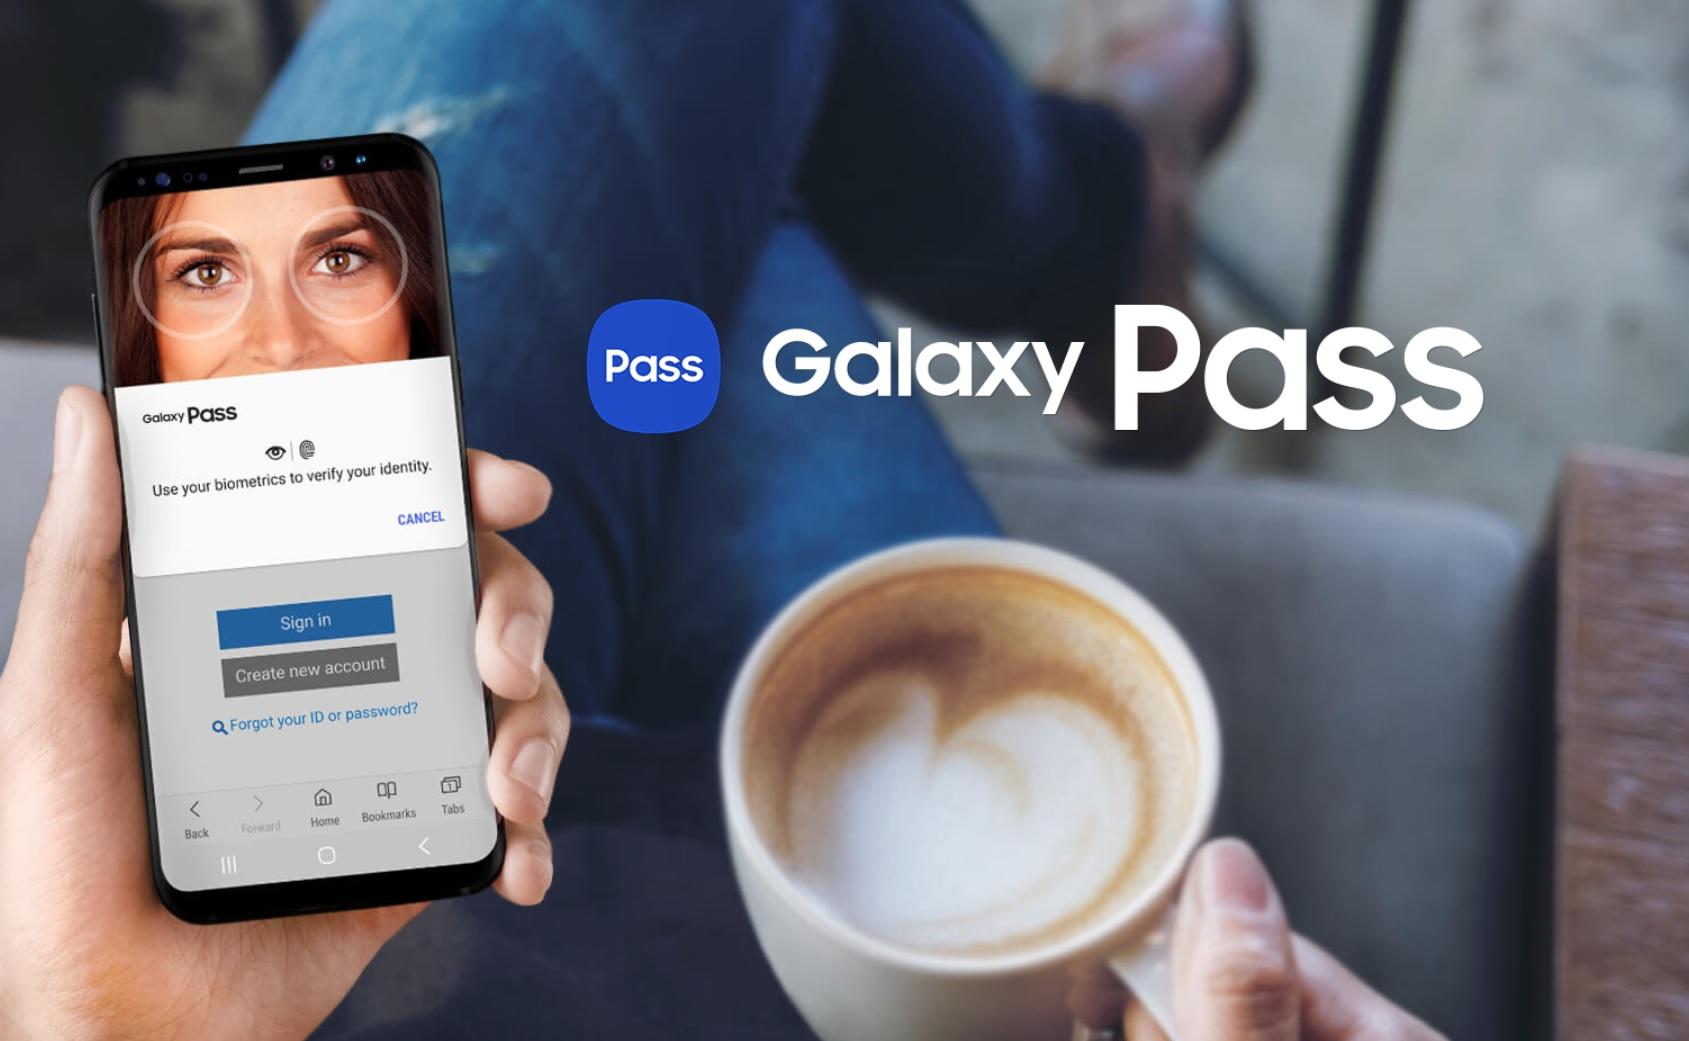 Galaxy Pass